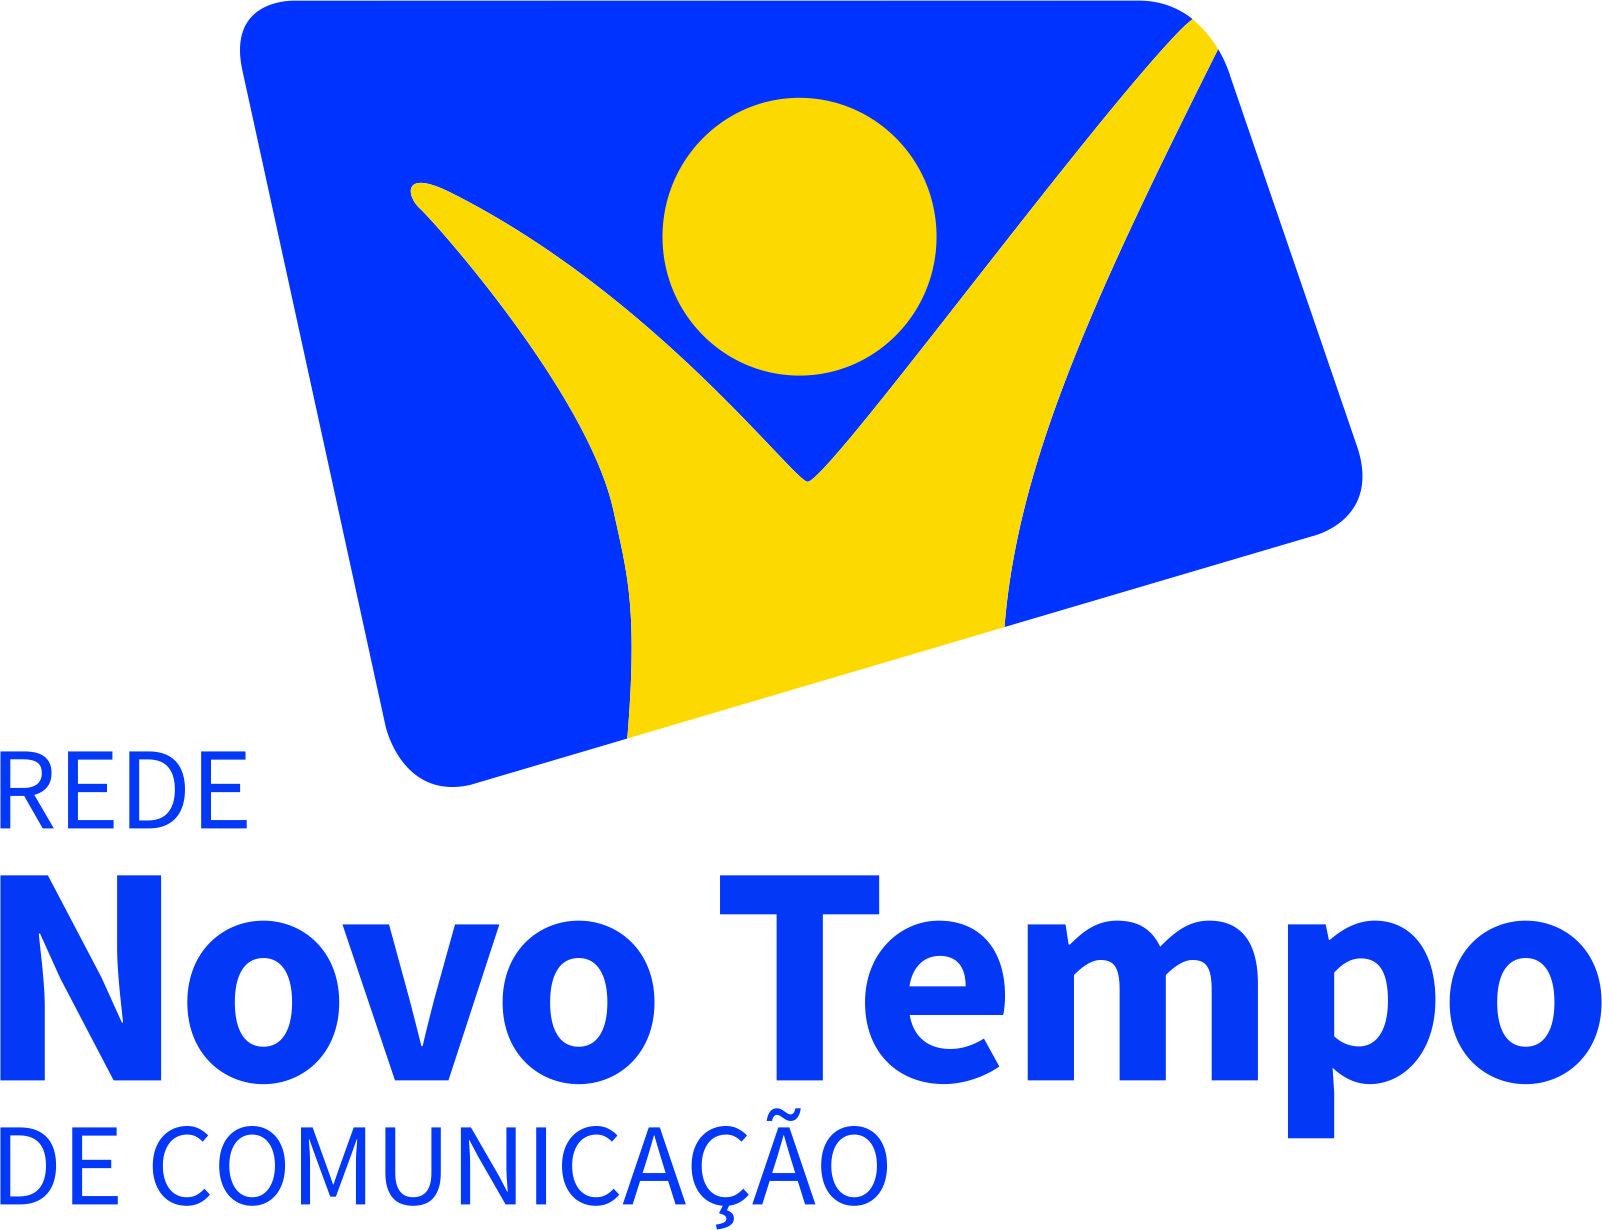 Programação da emissora adventista expande sua atuação no Brasil.